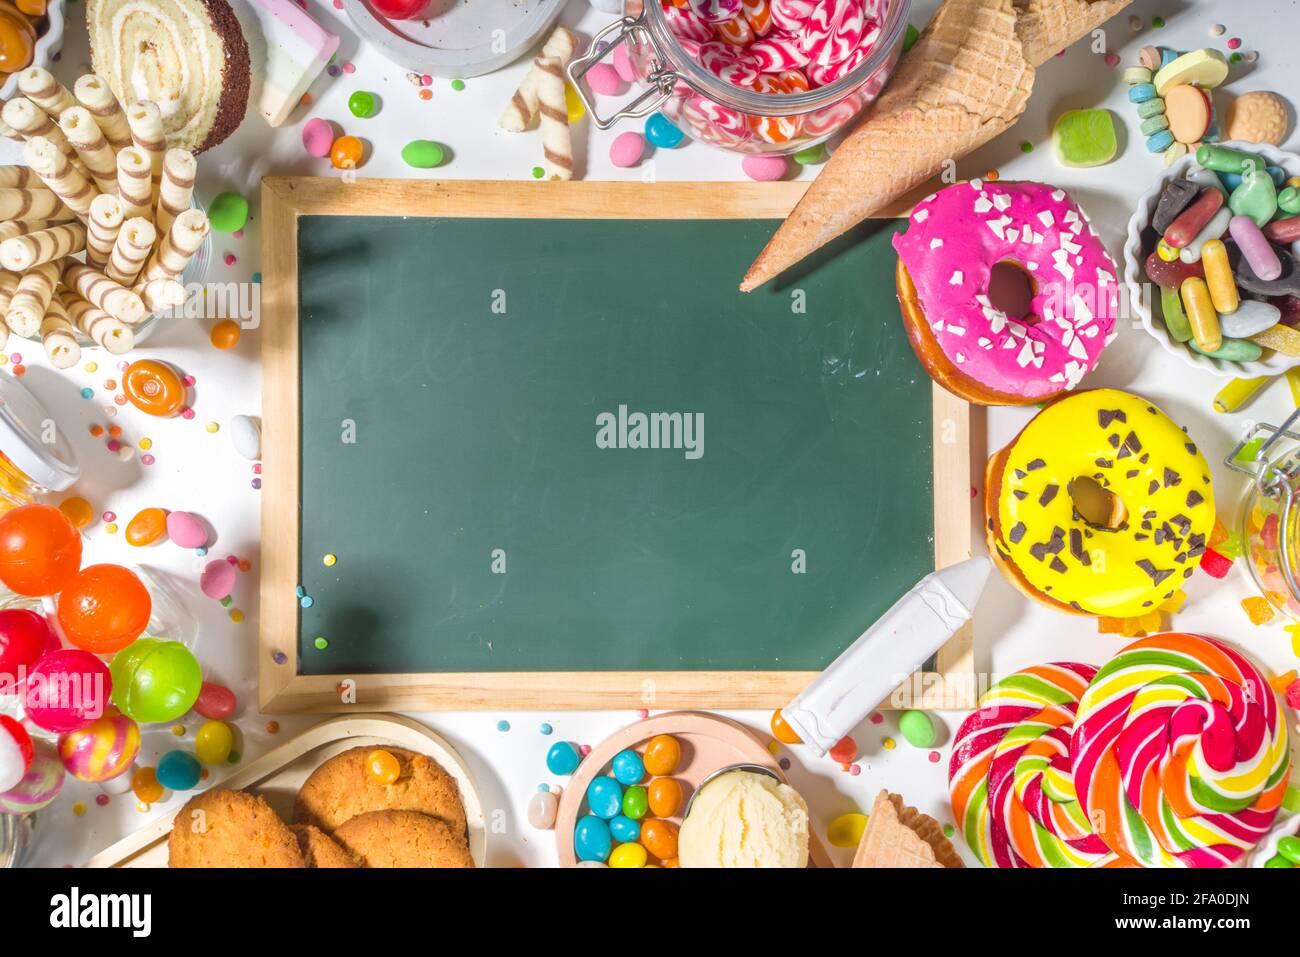 Sélection de bonbons colorés. Assortiment de bonbons, chocolats, beignets, biscuits, sucettes, vue de dessus de crème glacée sur fond blanc Banque D'Images